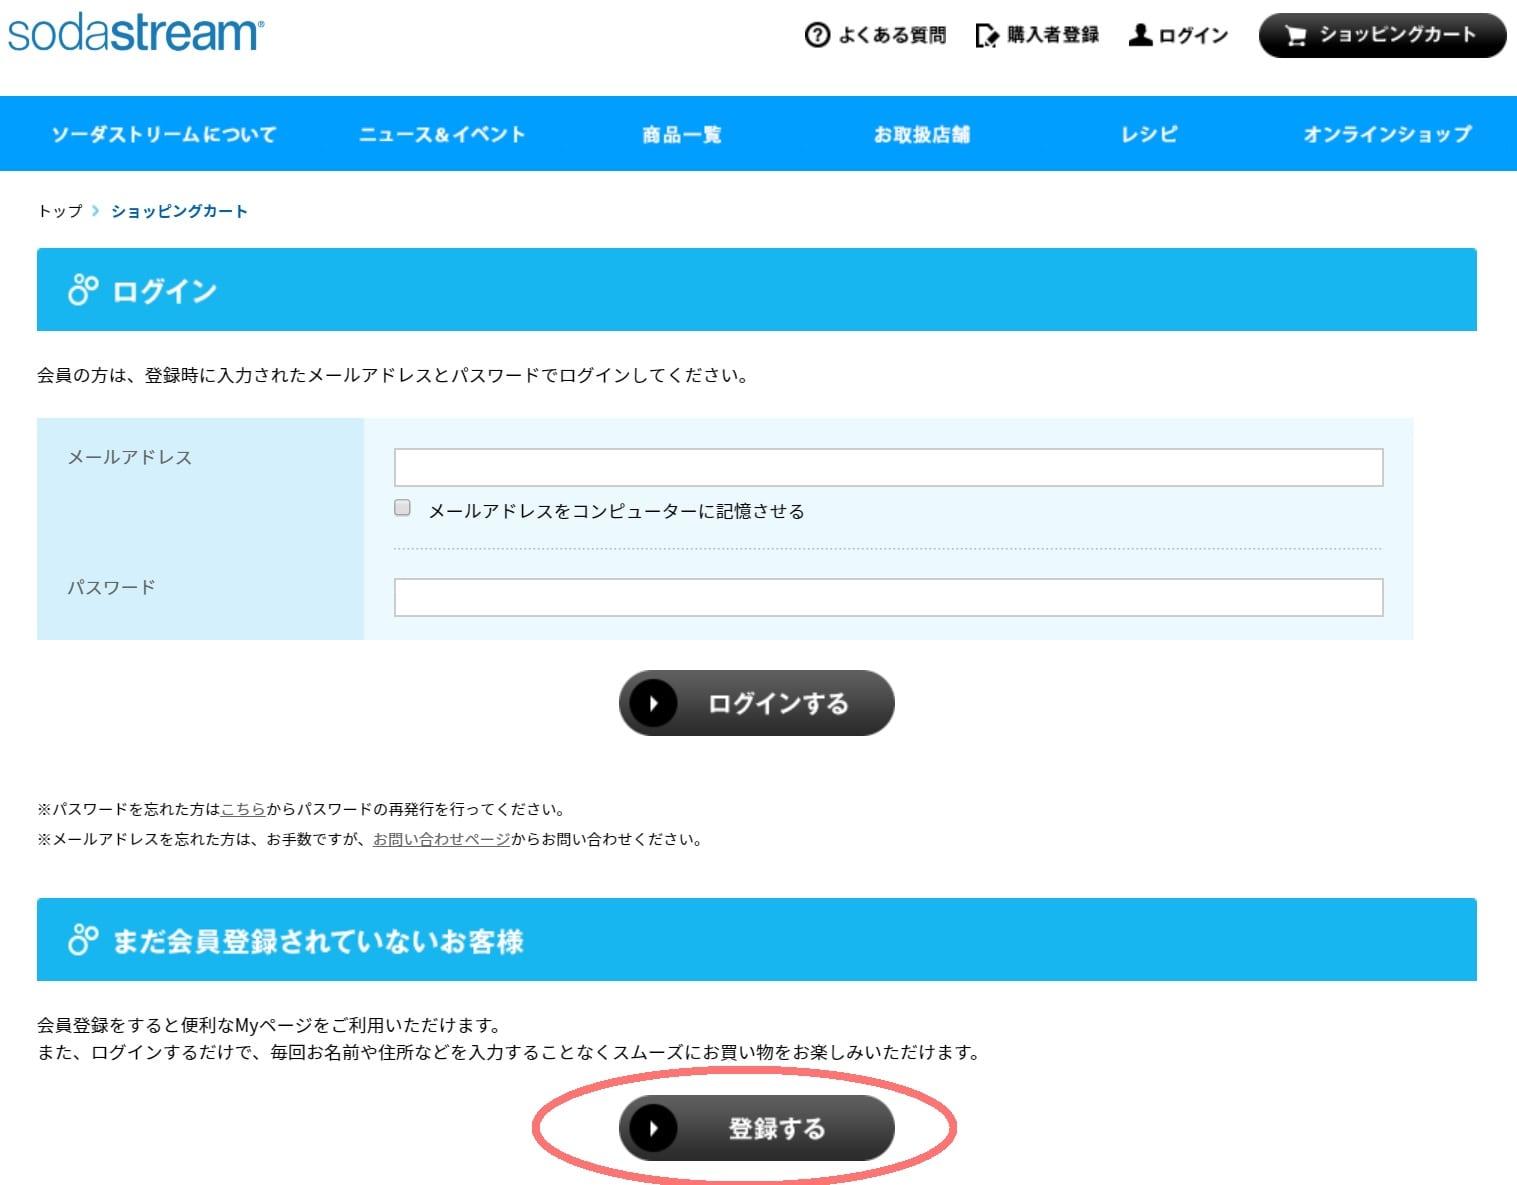 購入方法5:会員登録していない場合、登録ボタンをクリック